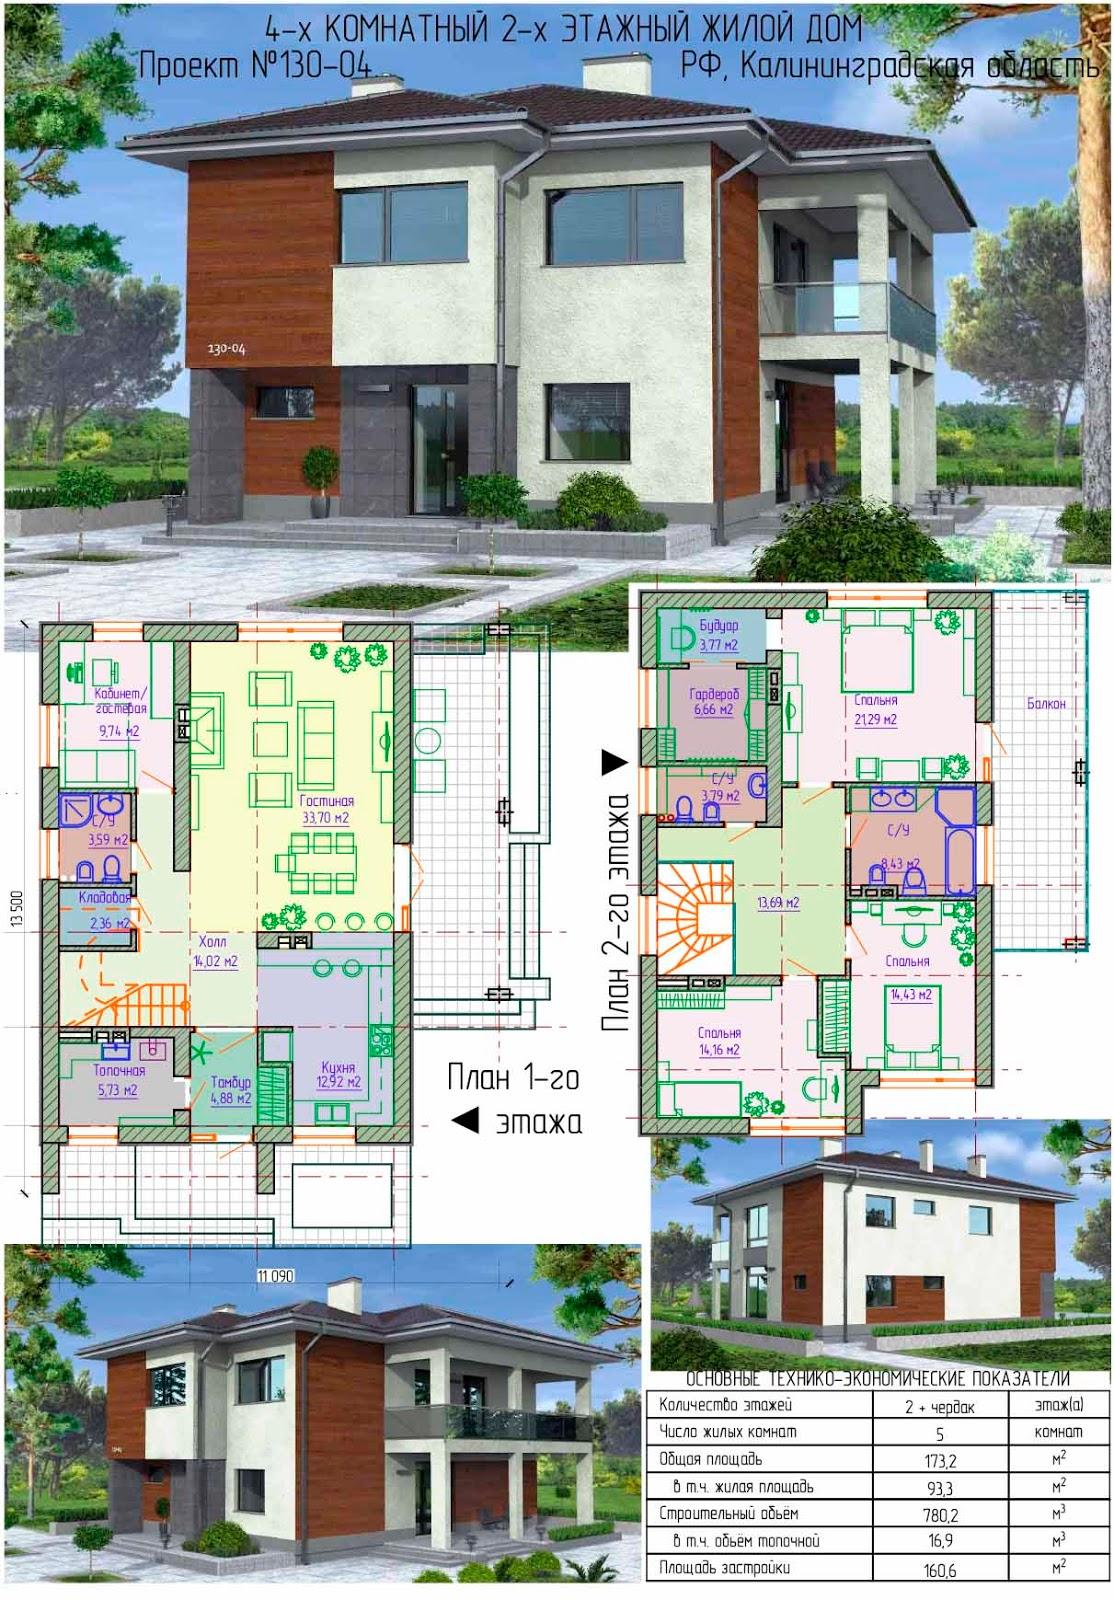 Проекты домов и коттеджей 100 кв м: цены под ключ в СПб